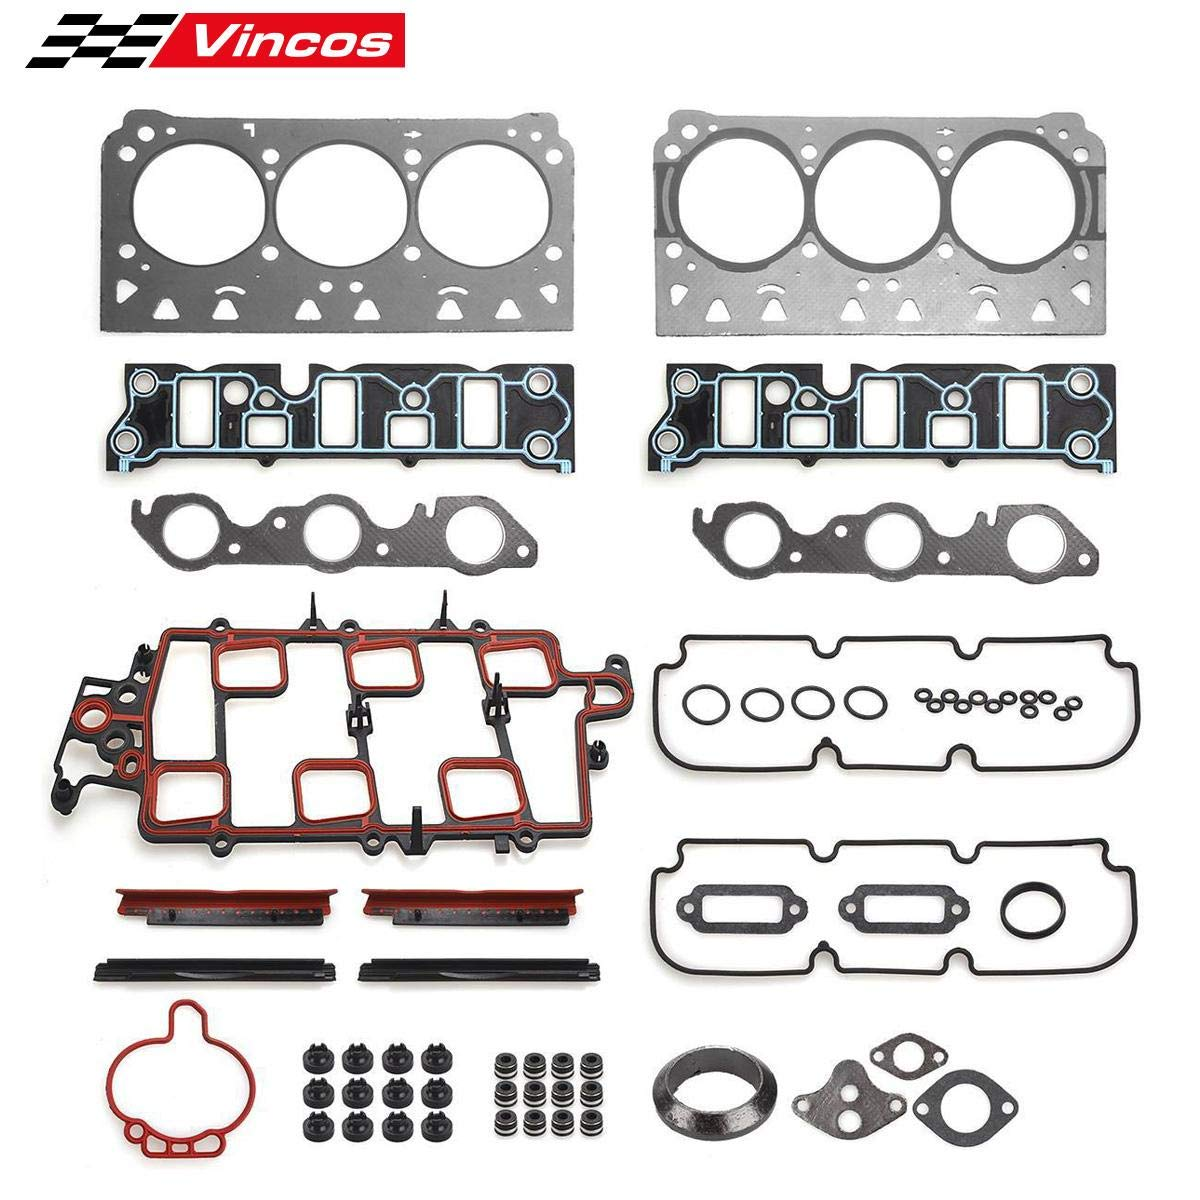 Engine Valve Cover Gasket Set for Chevrolet Monte Carlo 1998-2005 3.8L V6 OHV